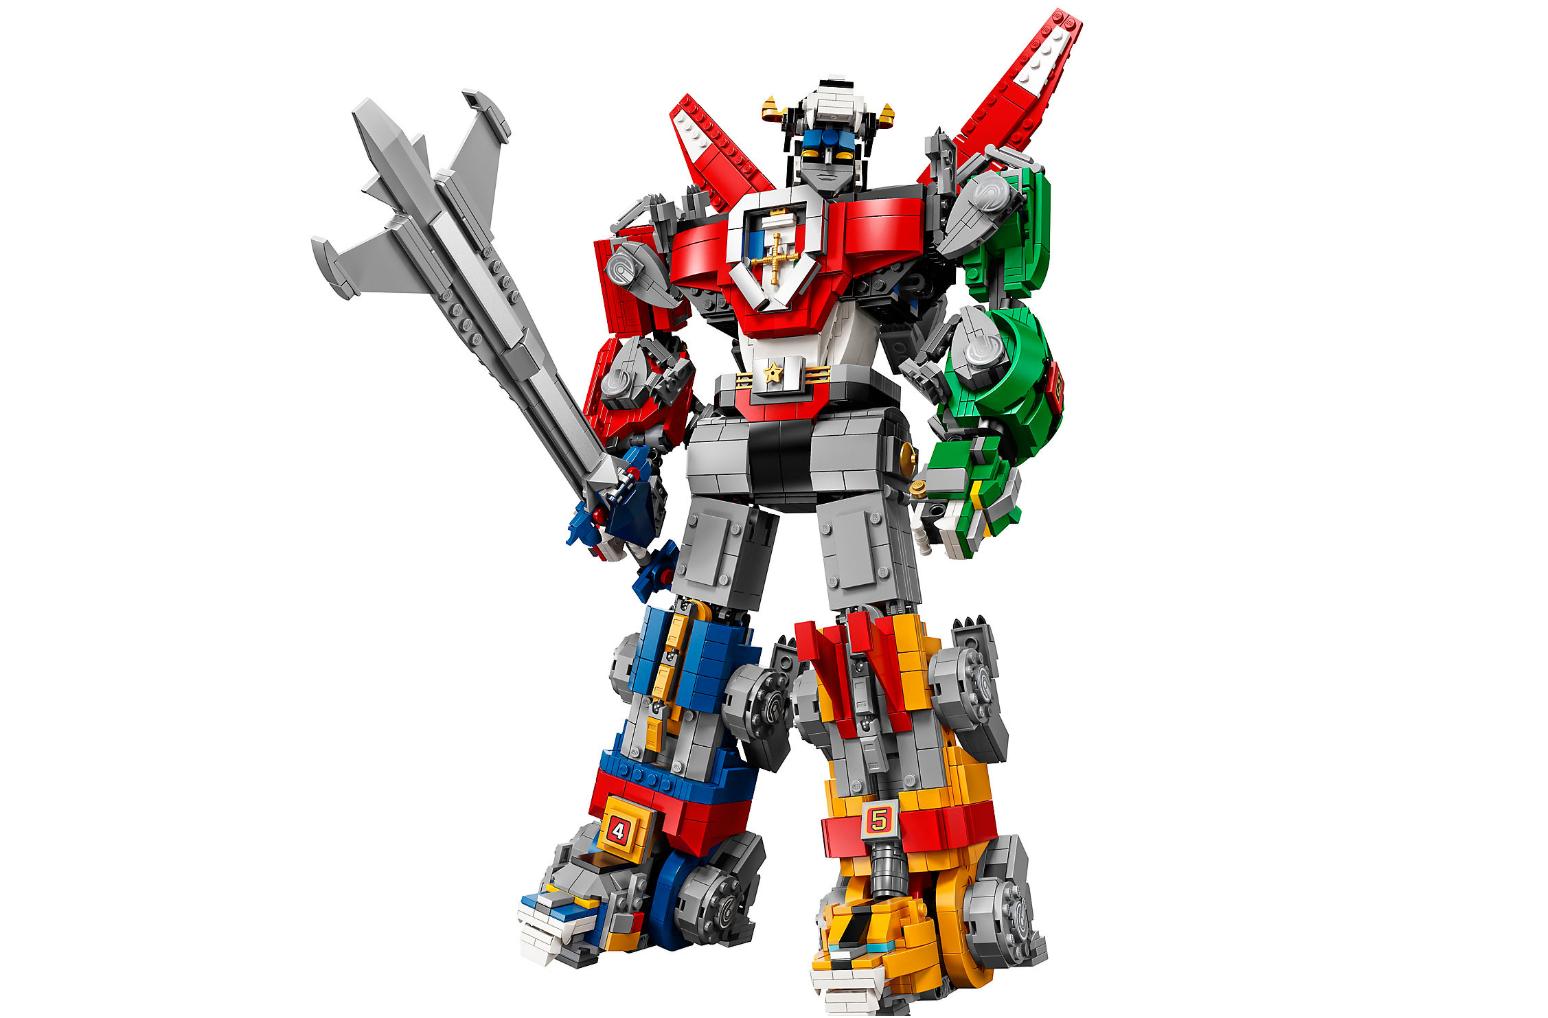 Il set Lego dedicato a Voltron